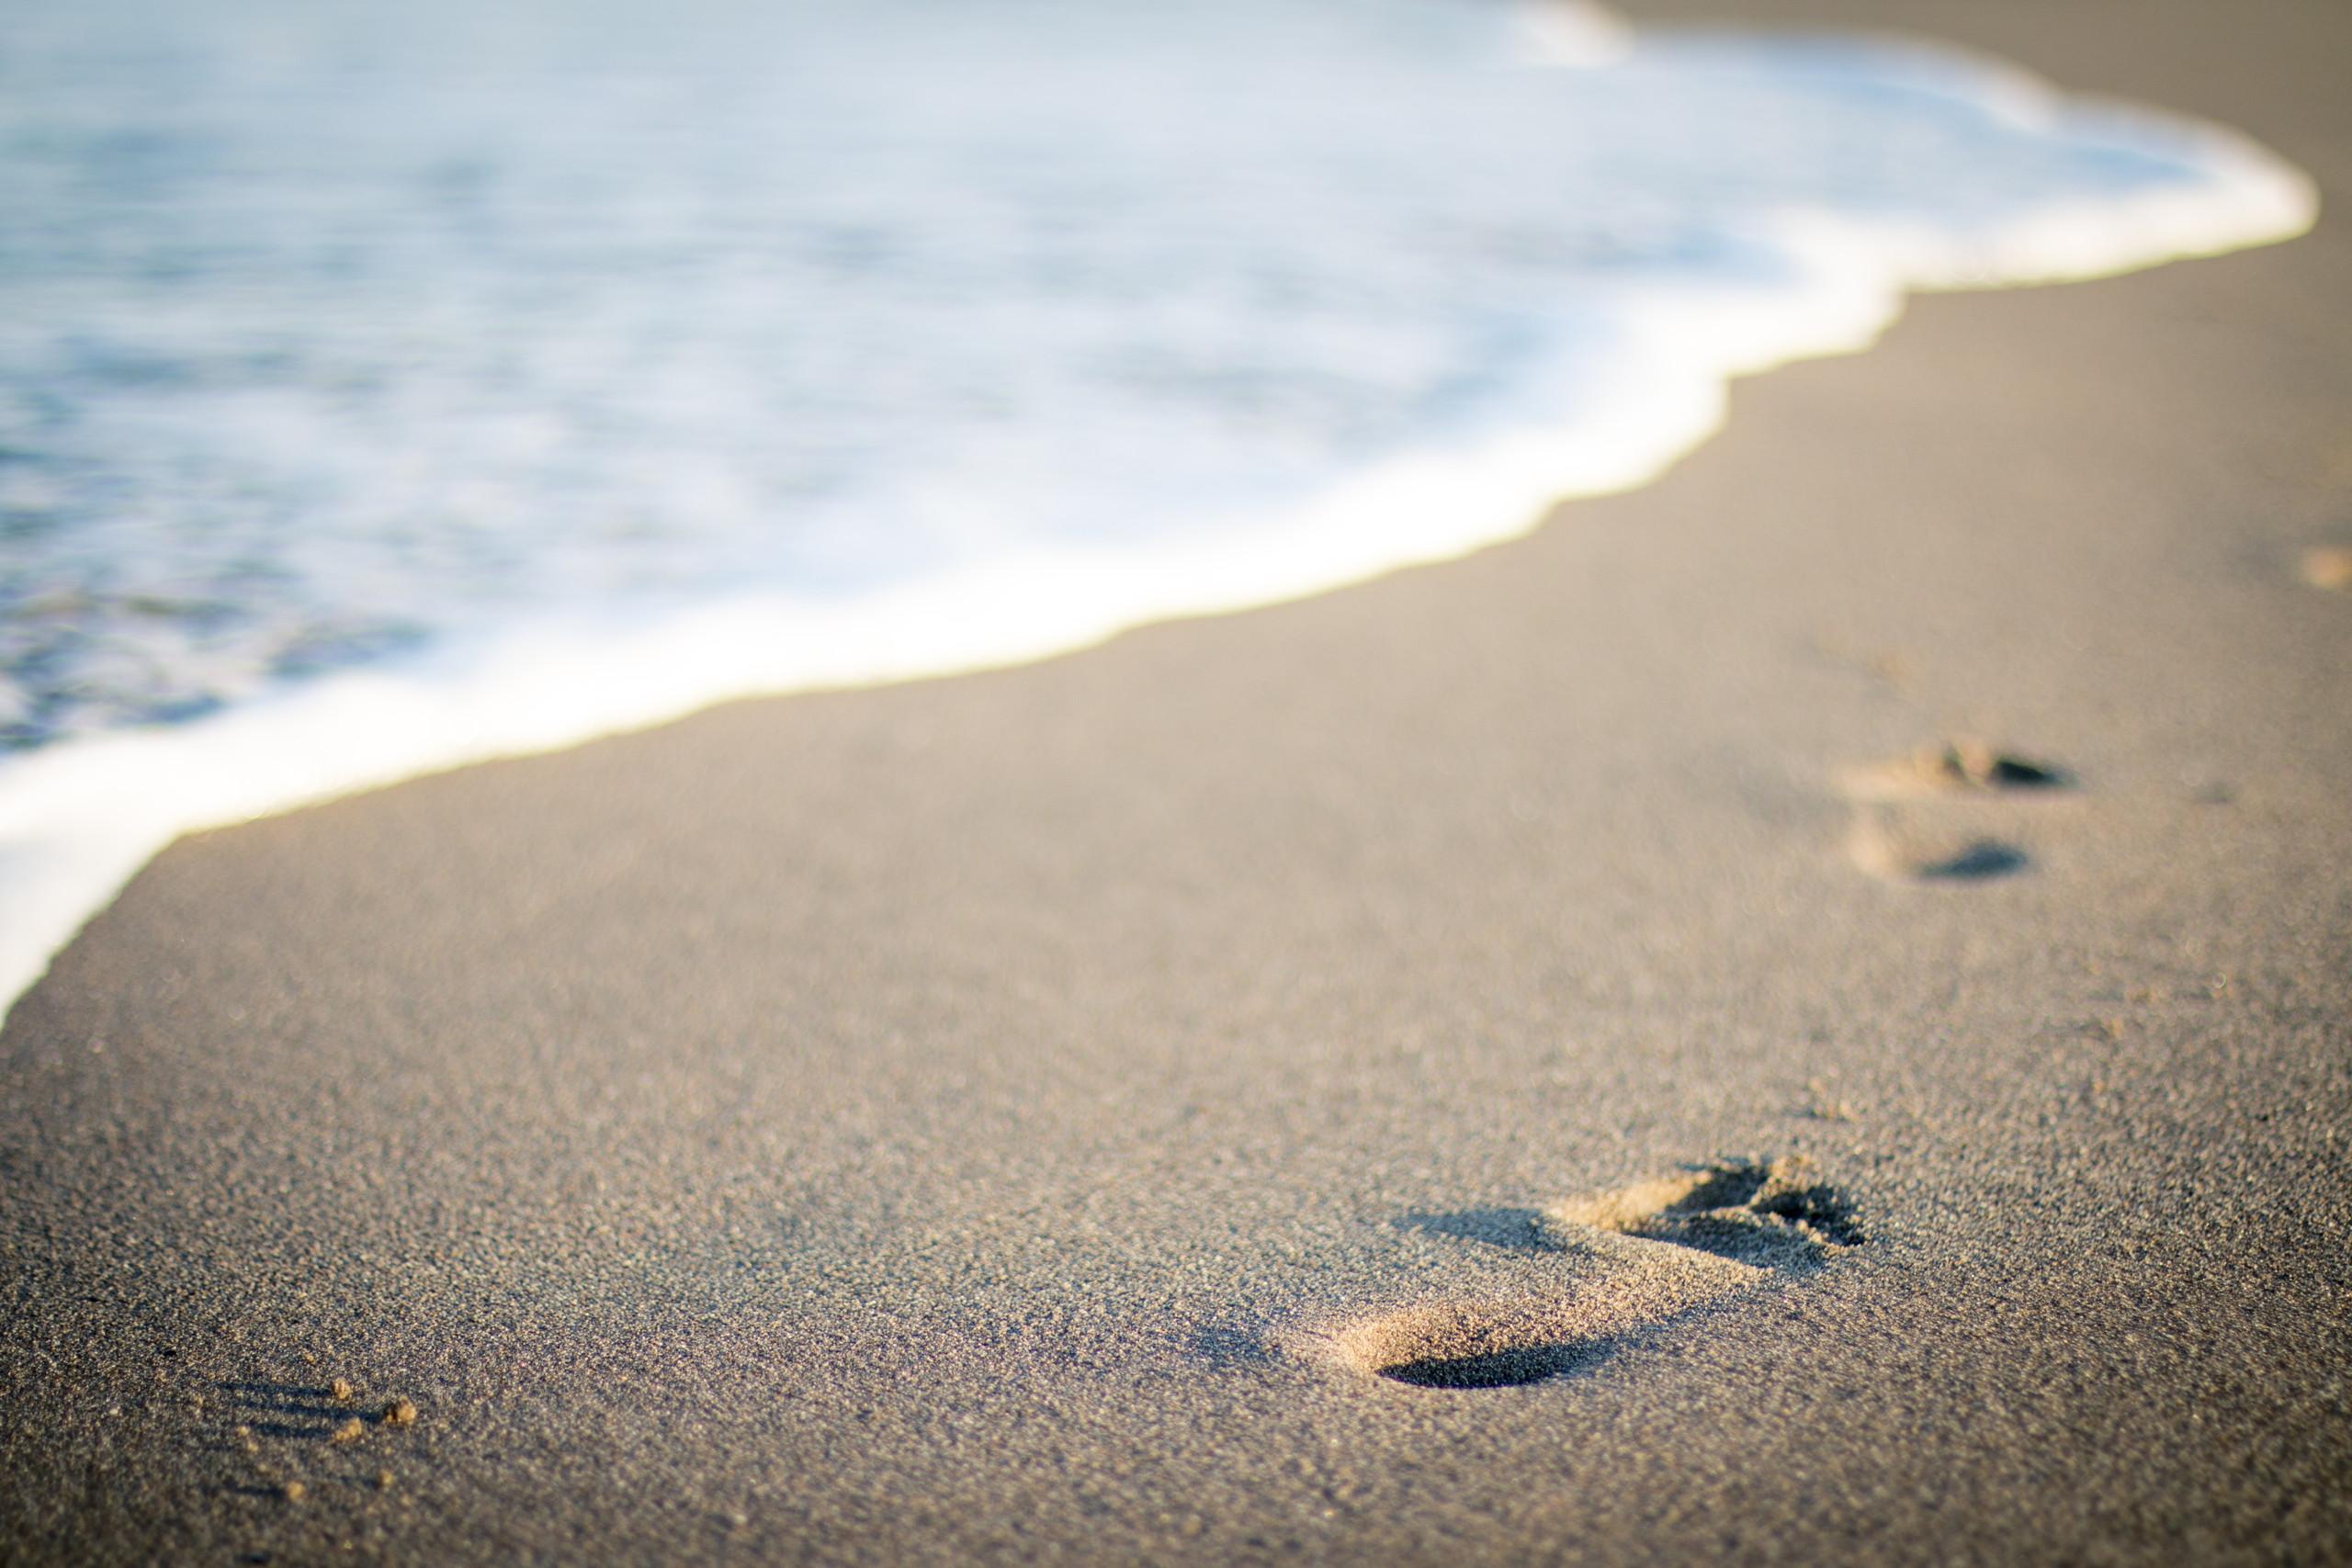 Hình ảnh đẹp của biển đều được mình sưu tầm và chọn lọc về đây để dành tặng bạn, vì thế hãy tải ảnh biển đẹp này về ngay bạn nhé.